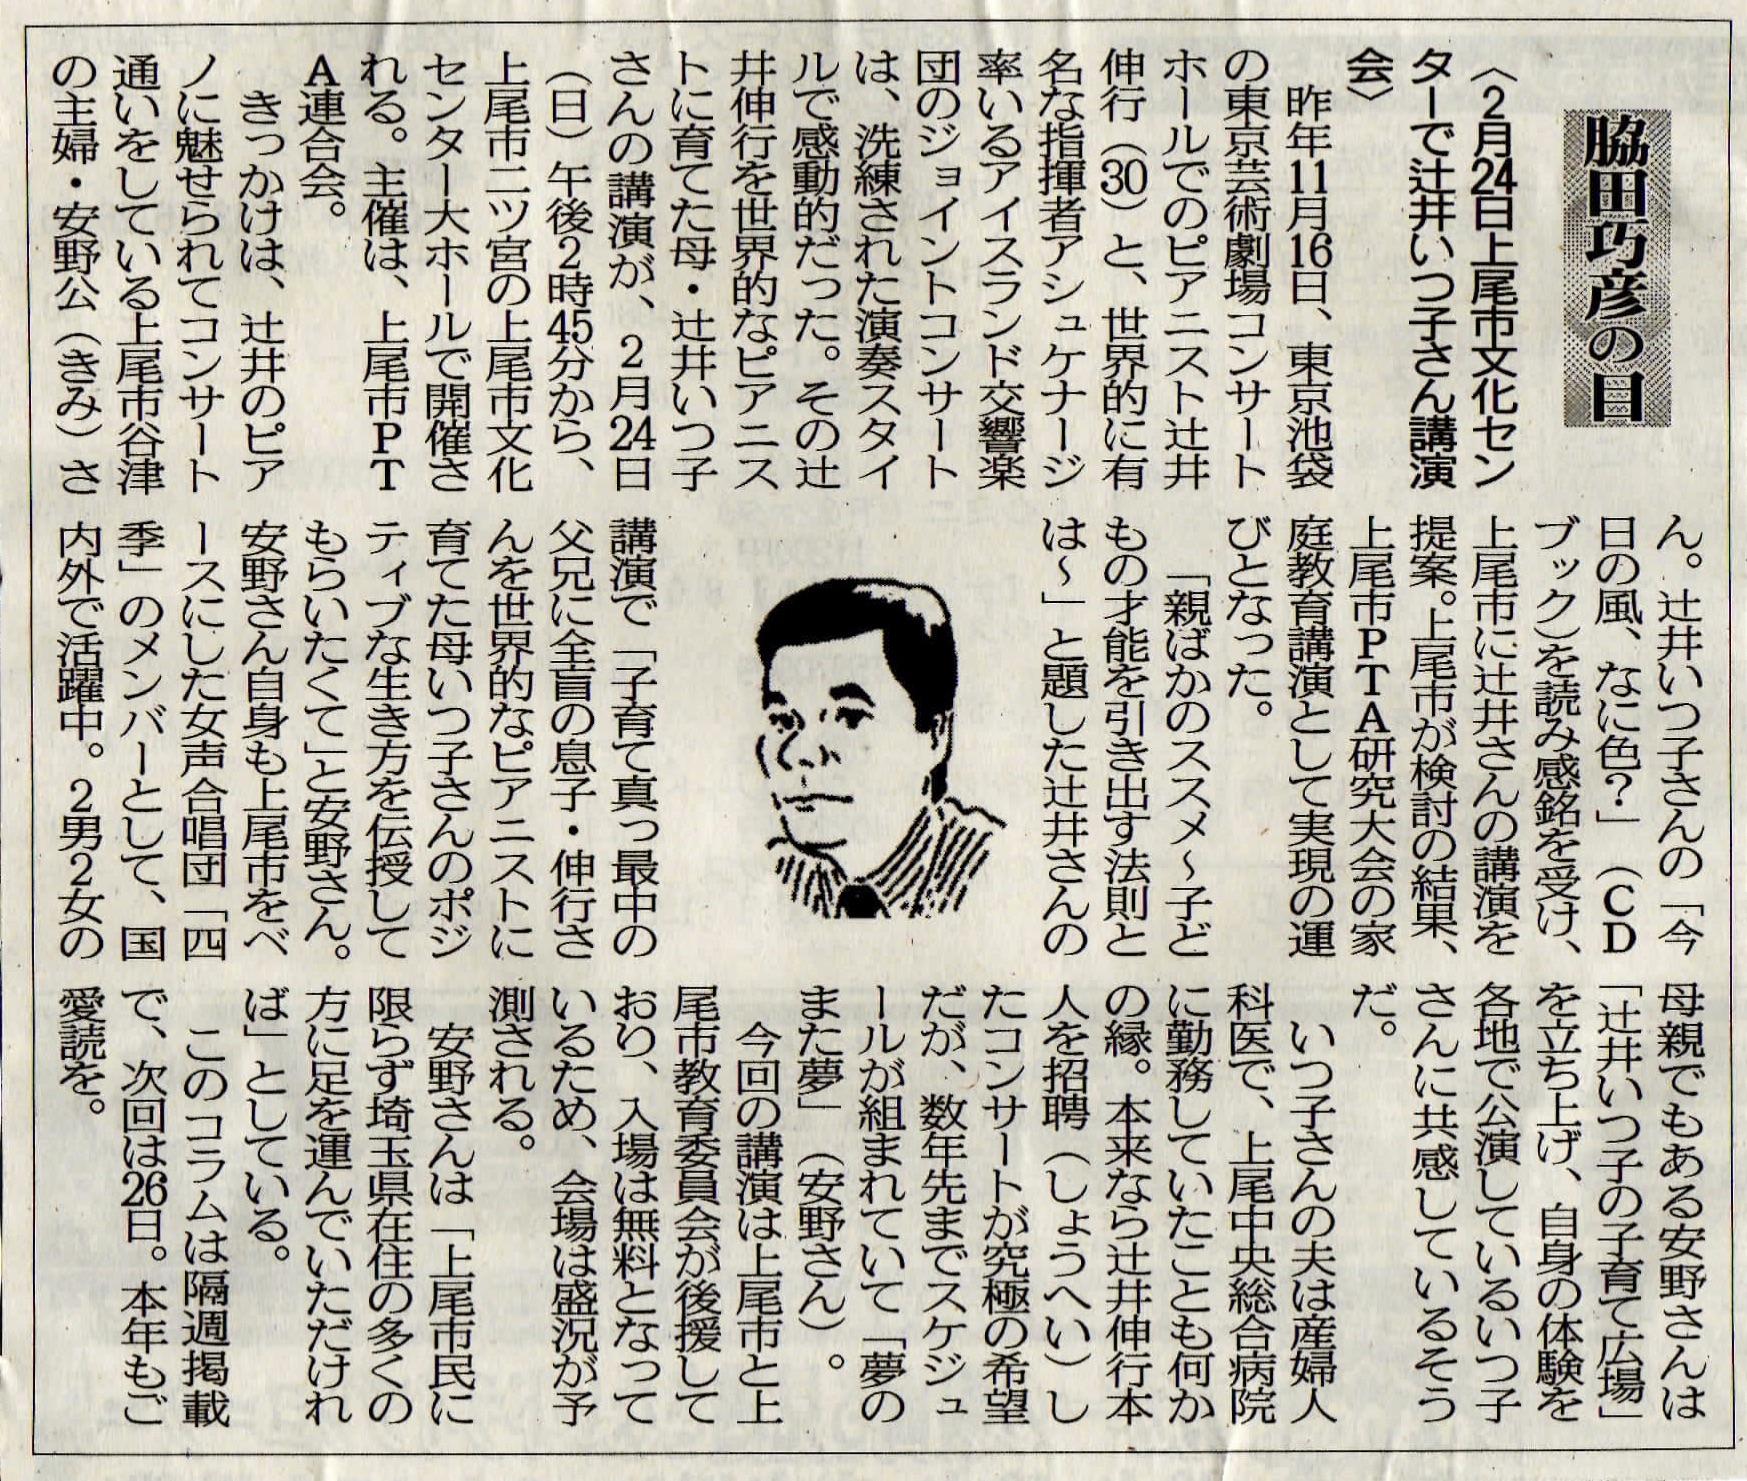 2019年01月12日 2月24日上尾市文化センターで辻井いつ子さん講演会